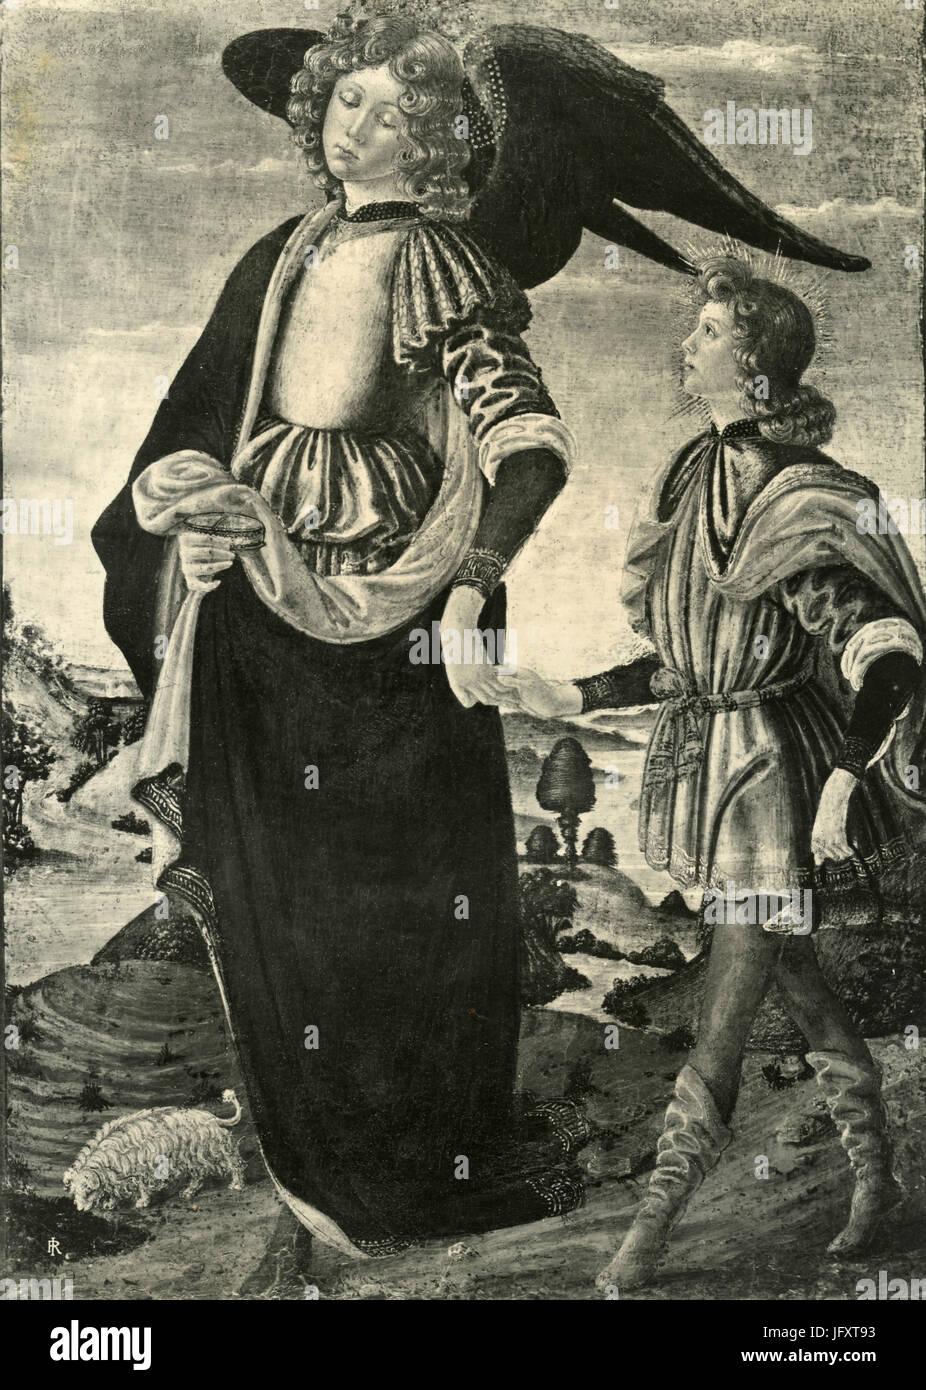 Archange avec Tobiolo, peinture par scuola fiorentina XV sec., Bergame, Italie Photo Stock